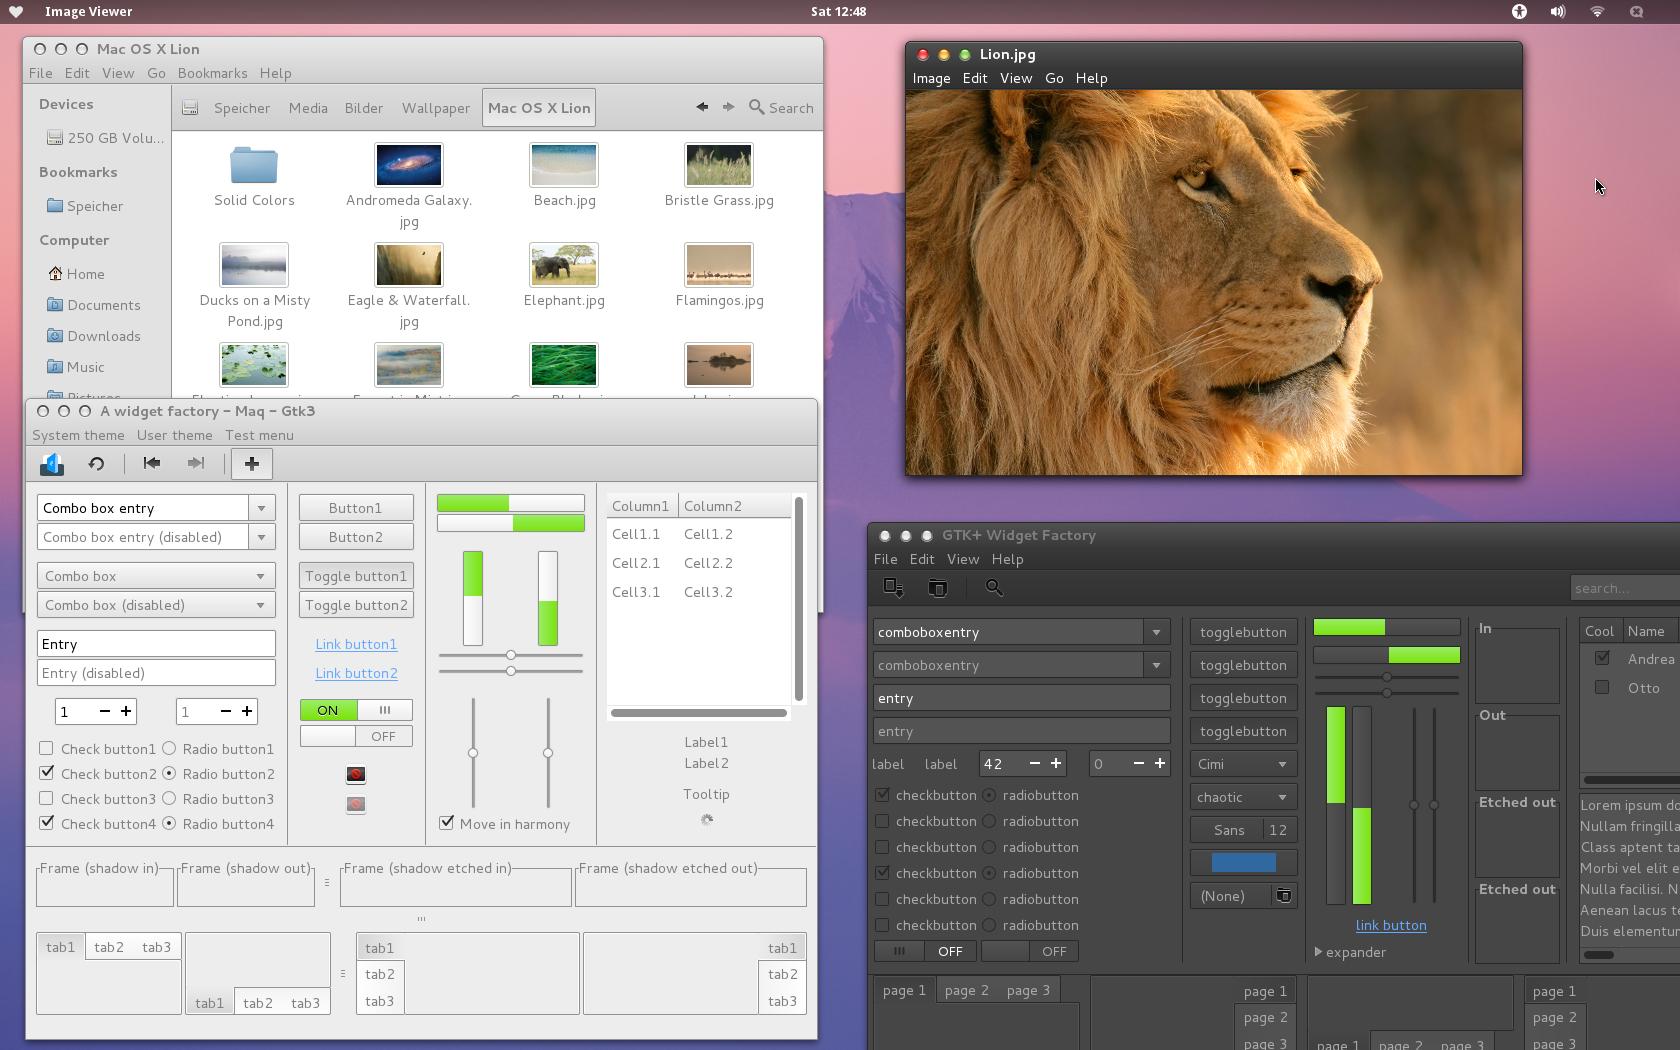 Maq - Mac OS X Lion Theme - GTK3 by batil on DeviantArt